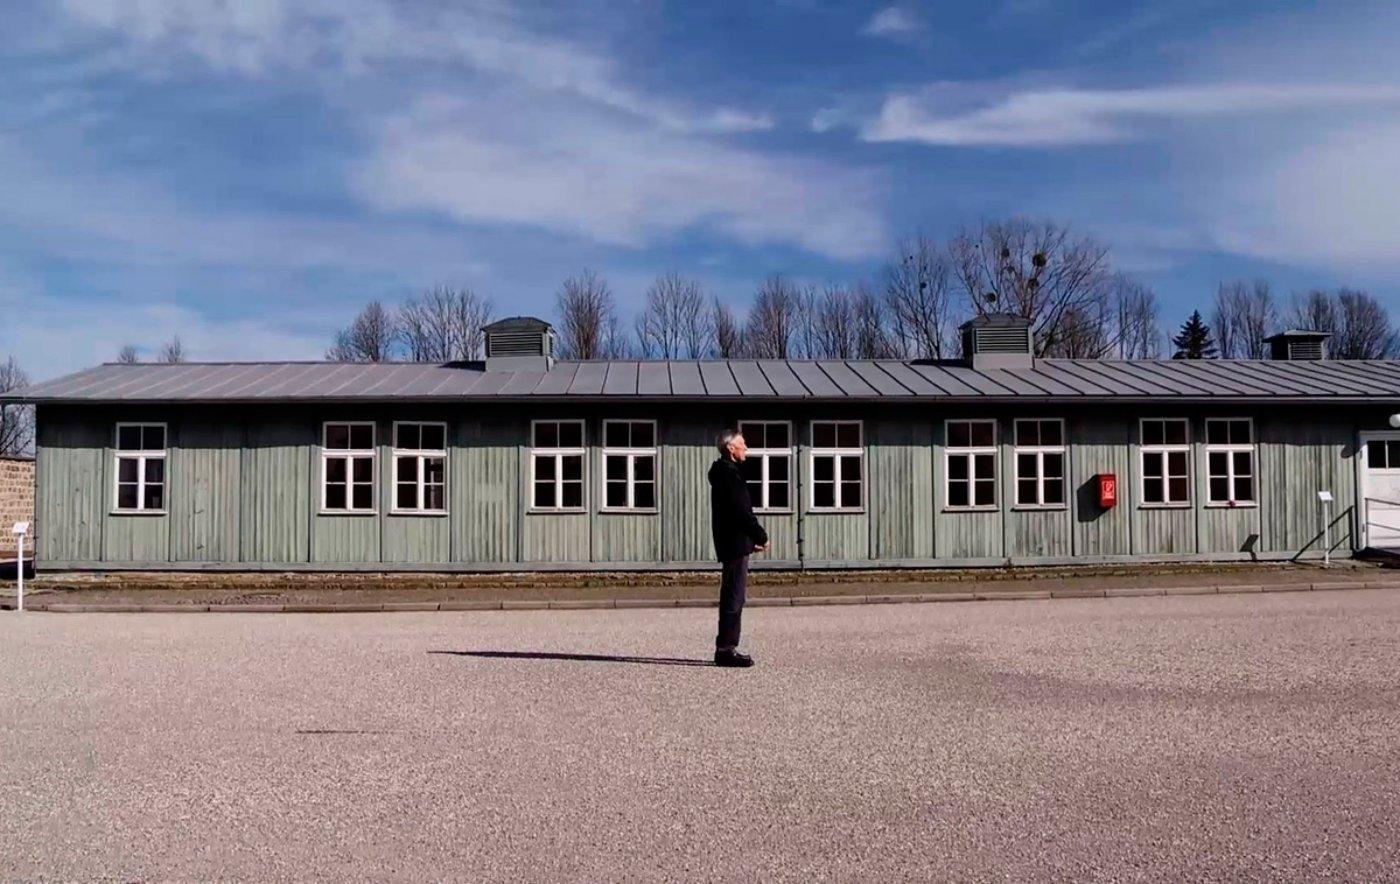 mauthausen-zwei-leben-2020-wieland-recensione